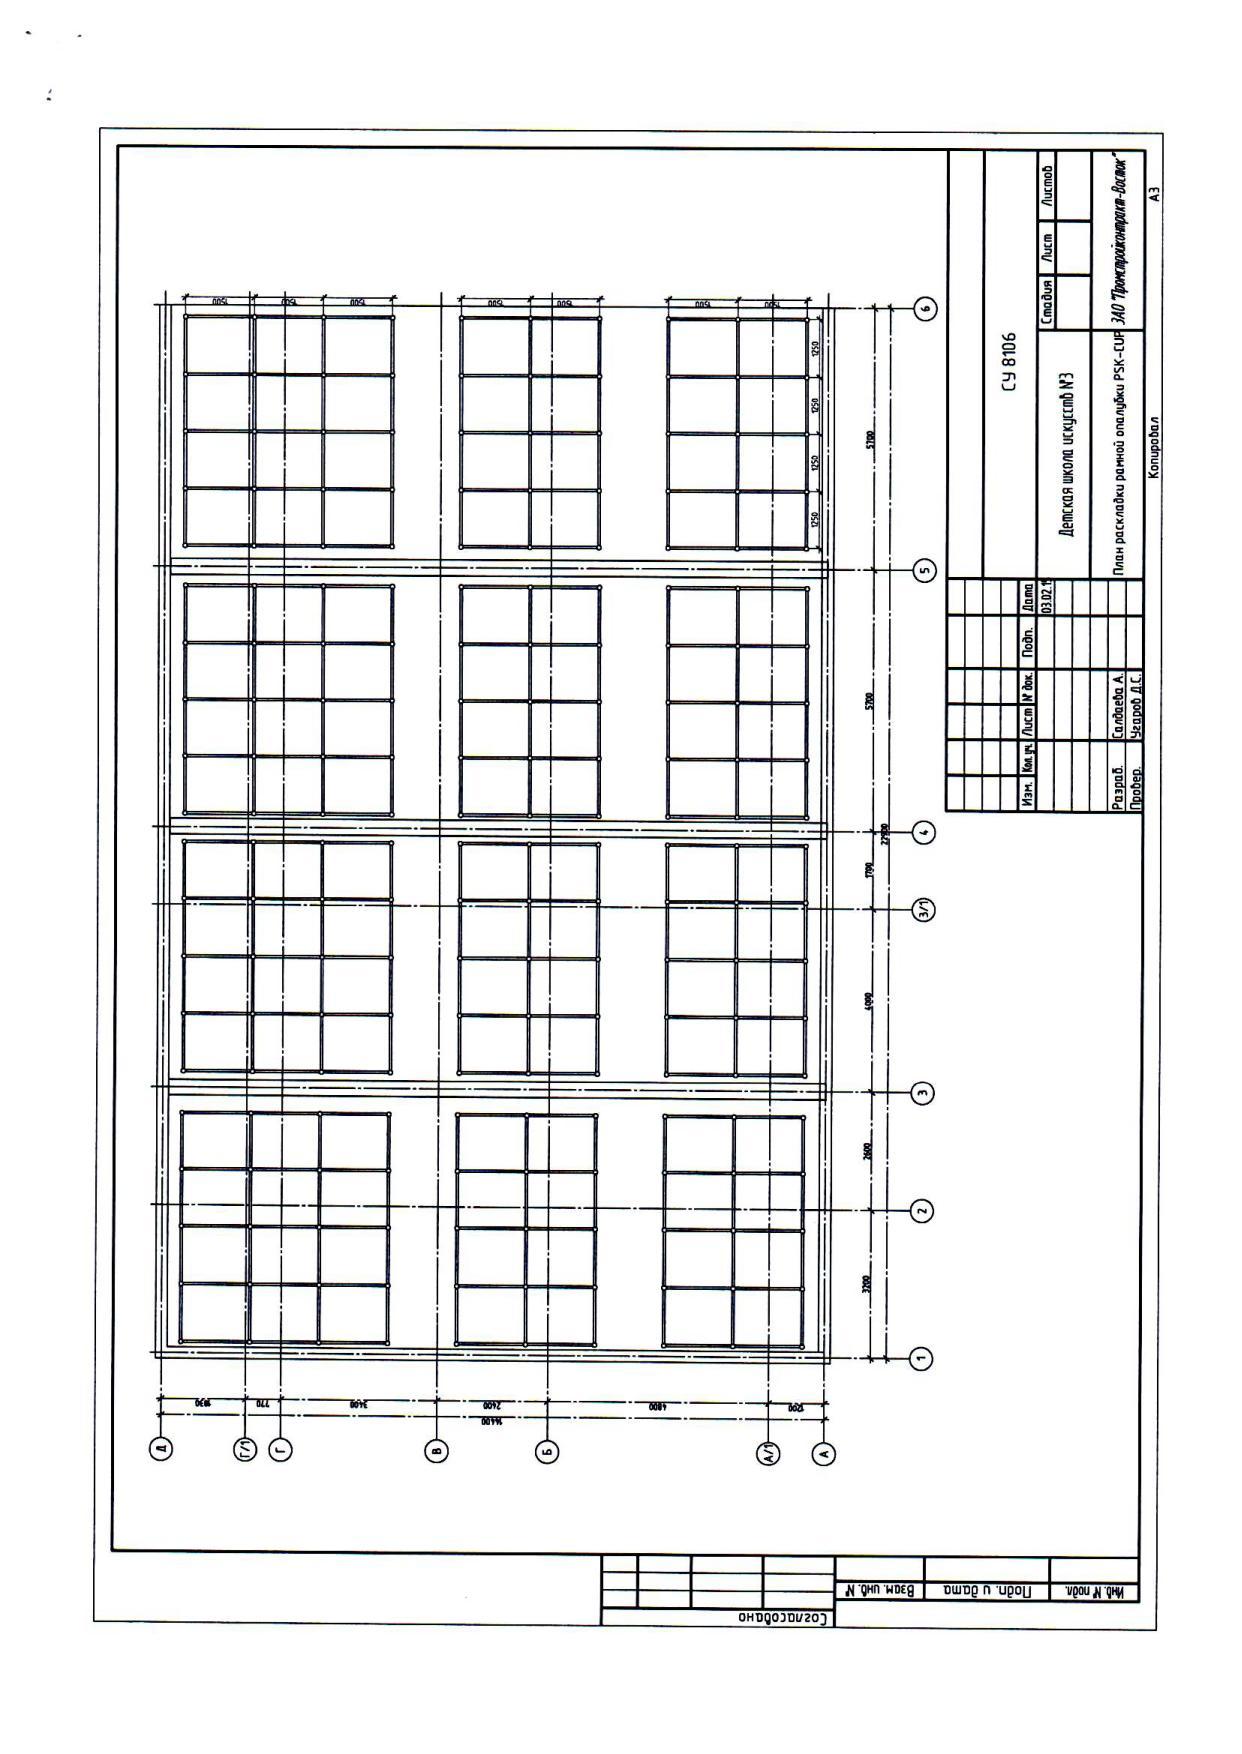 Приложение №4 План раскладки рамной опалубки (Лот №2)2